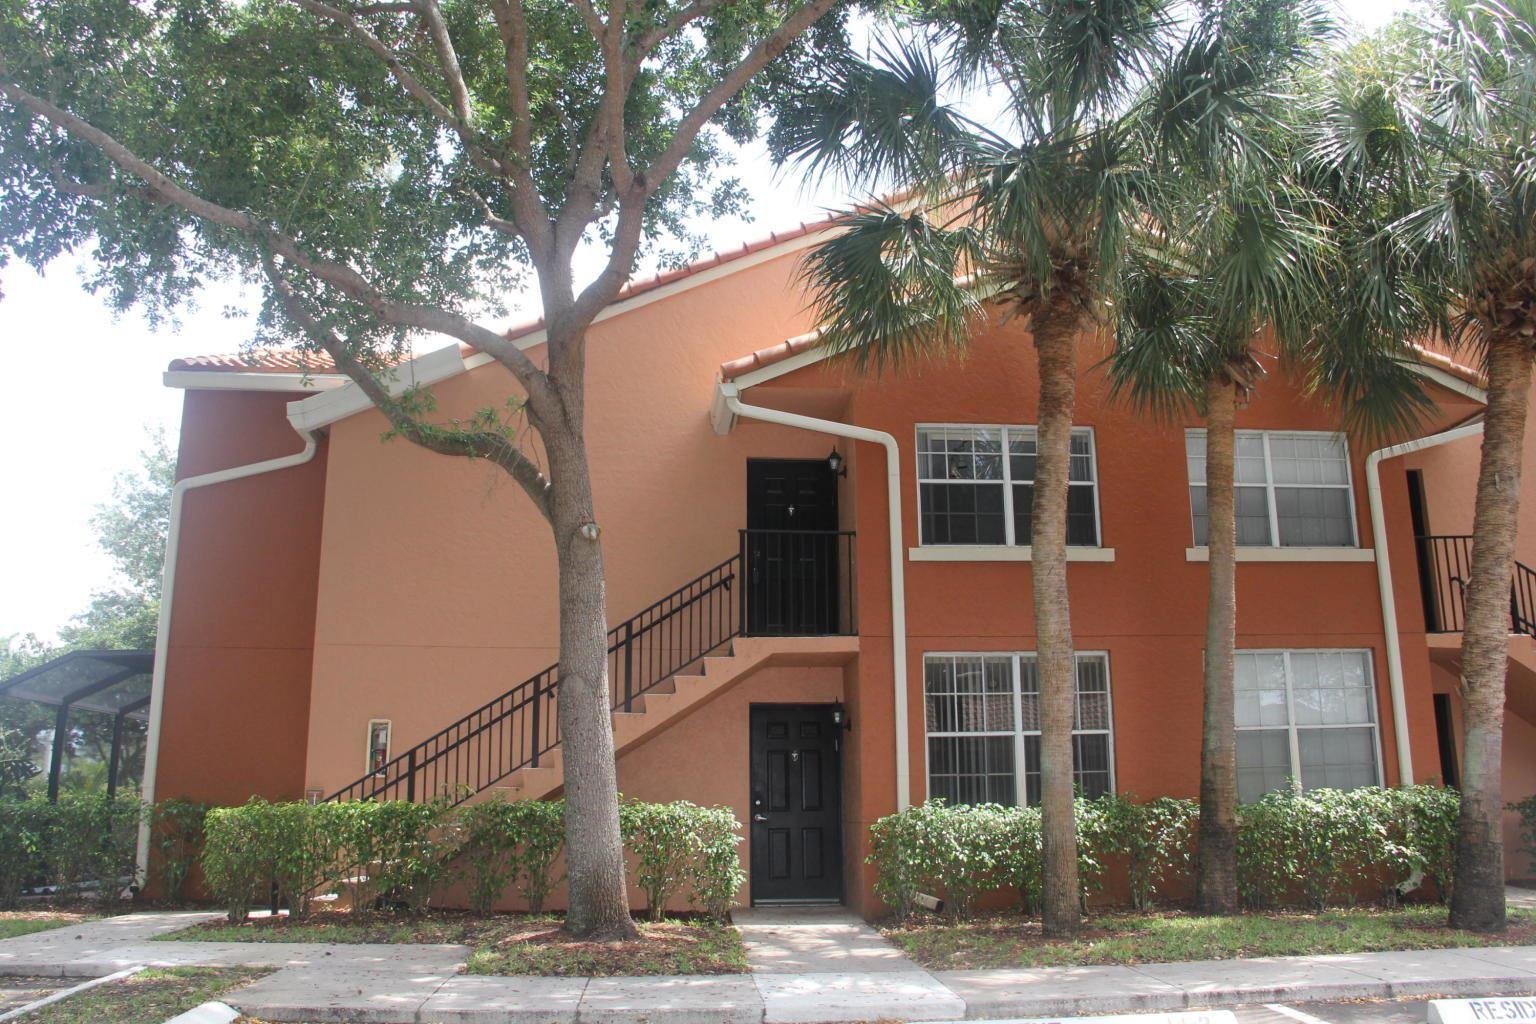 3111 Clint Moore Road #202, Boca Raton, FL 33496 - #: RX-10617971